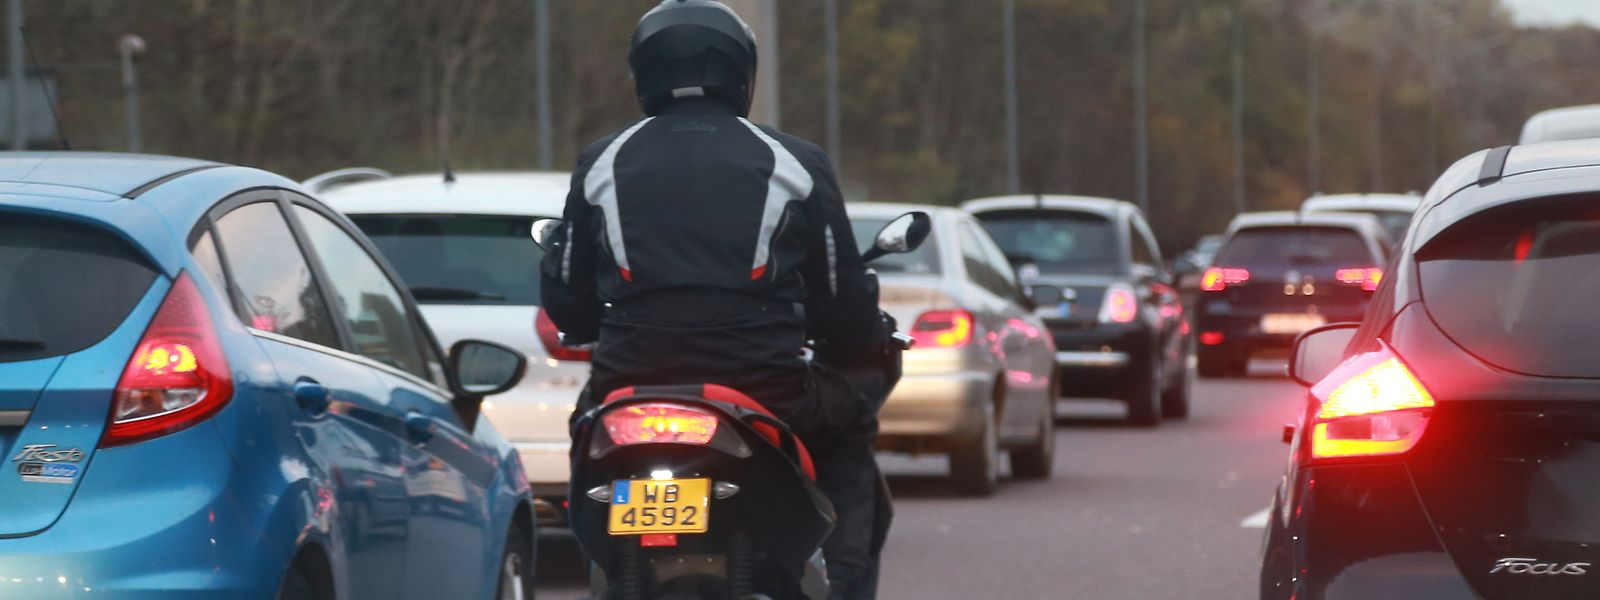 Désolé, mais la remontée de file peut faire l'objet d'une amende de police. Un motard averti en vaut deux, non?